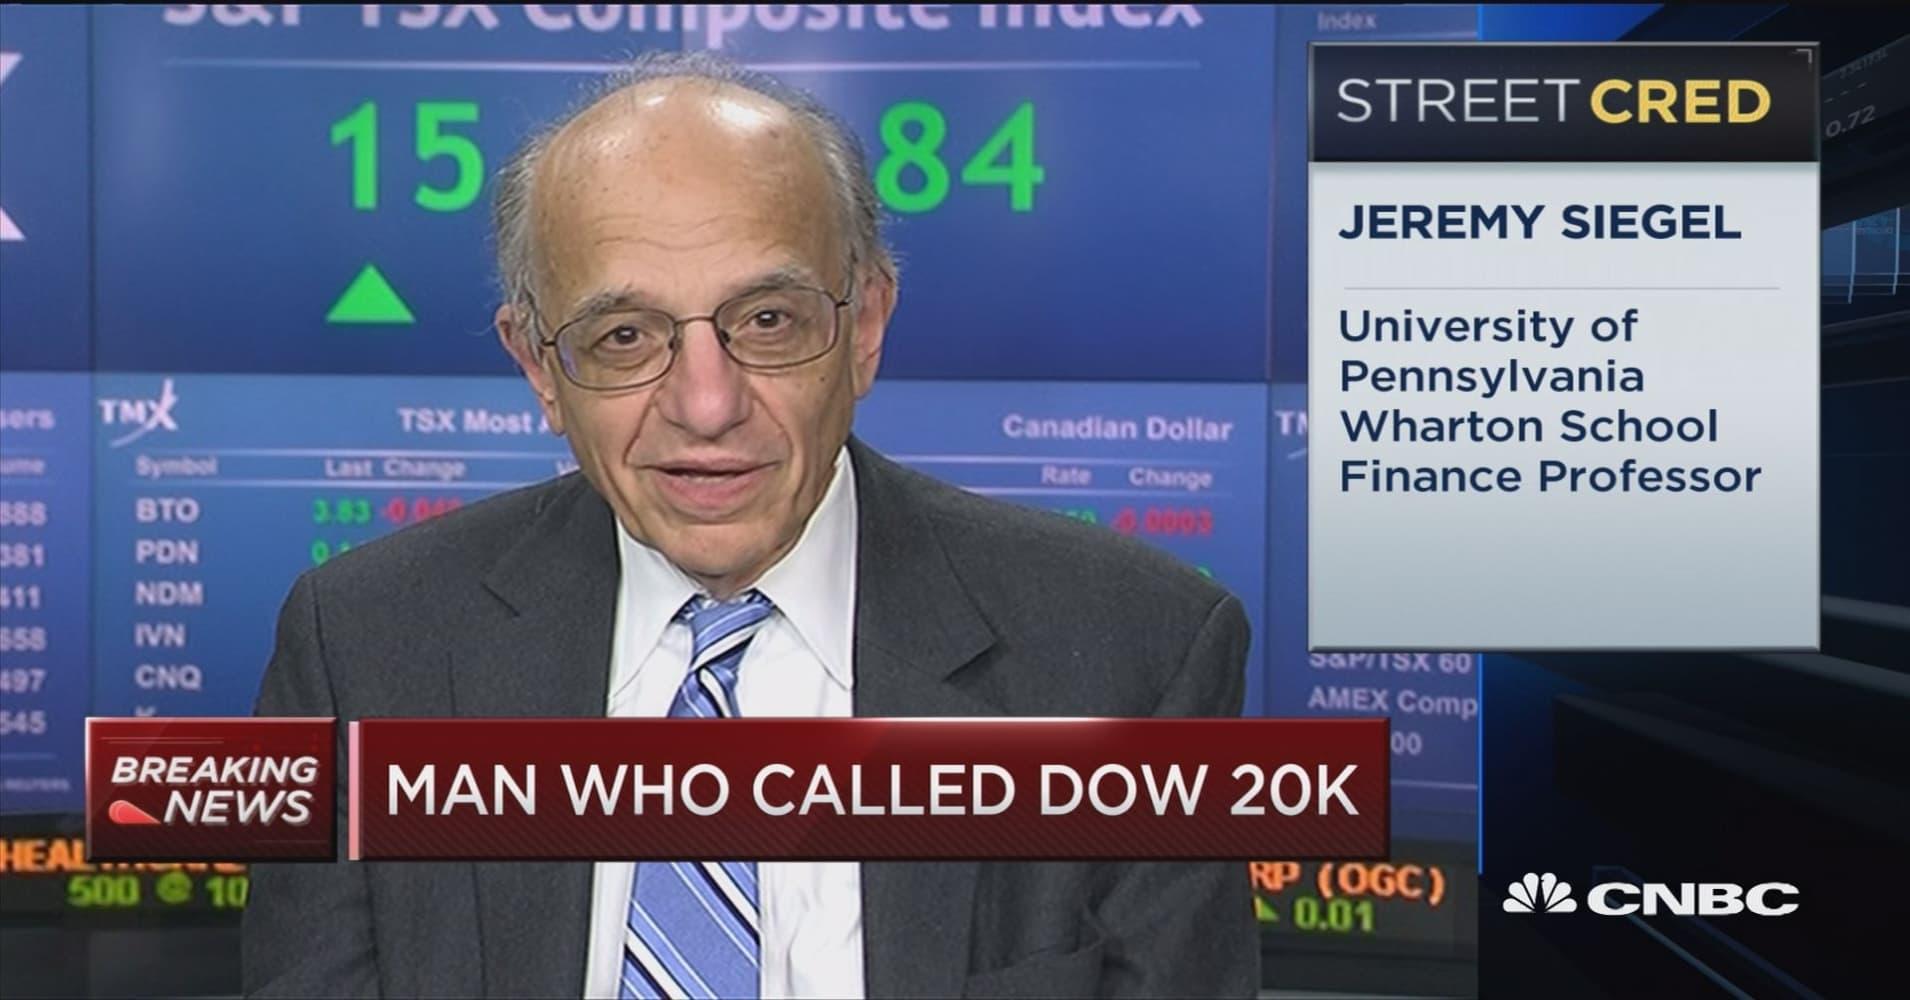 Jeremy Siegel says Dow is headed toward 22,000